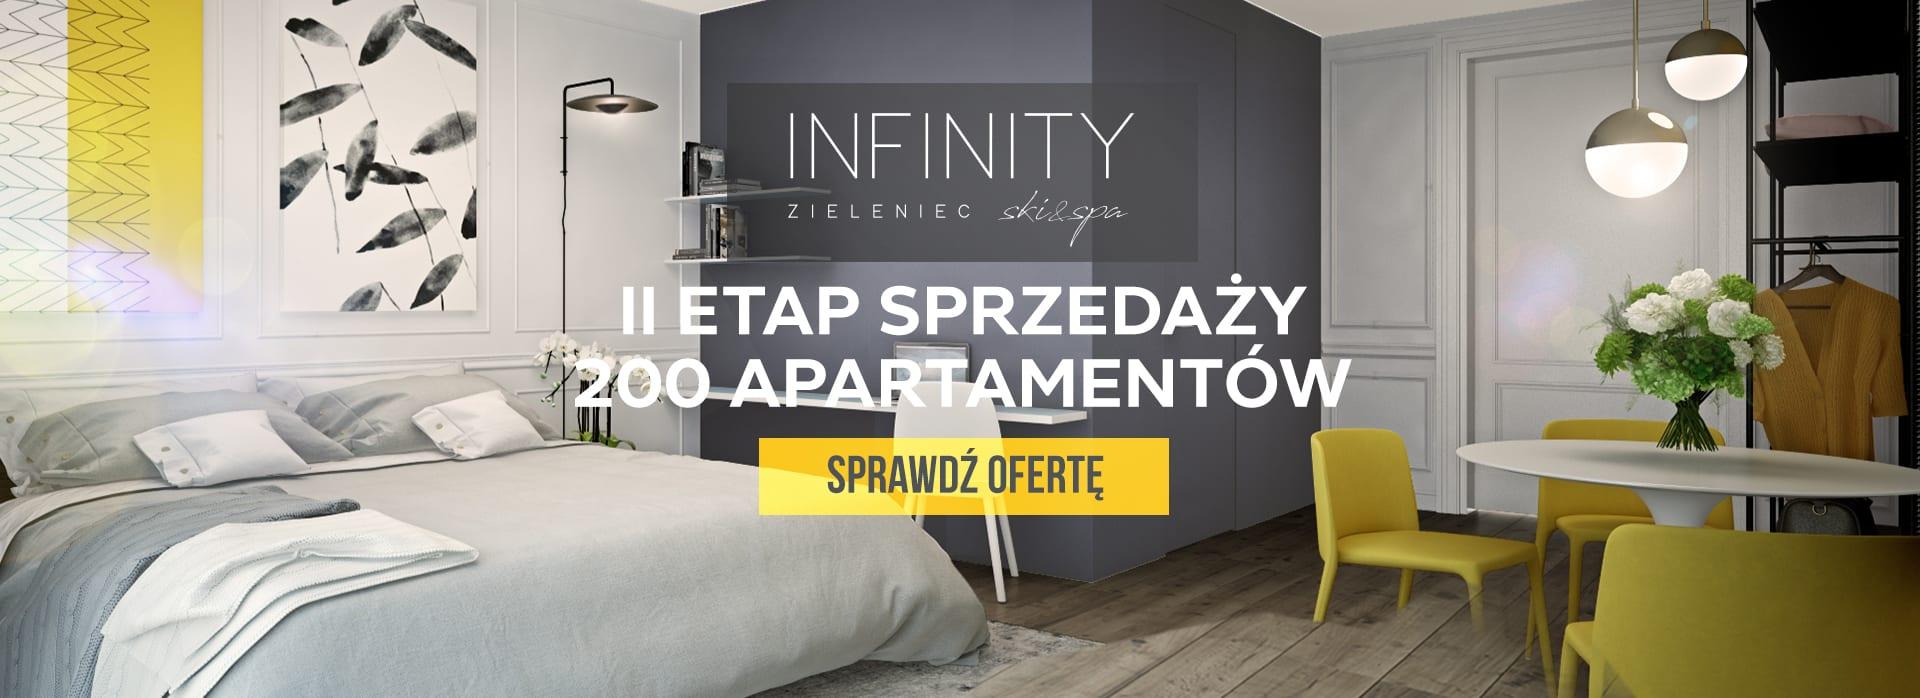 Rozpoczęcie 2 etapu sprzedaży Infinity